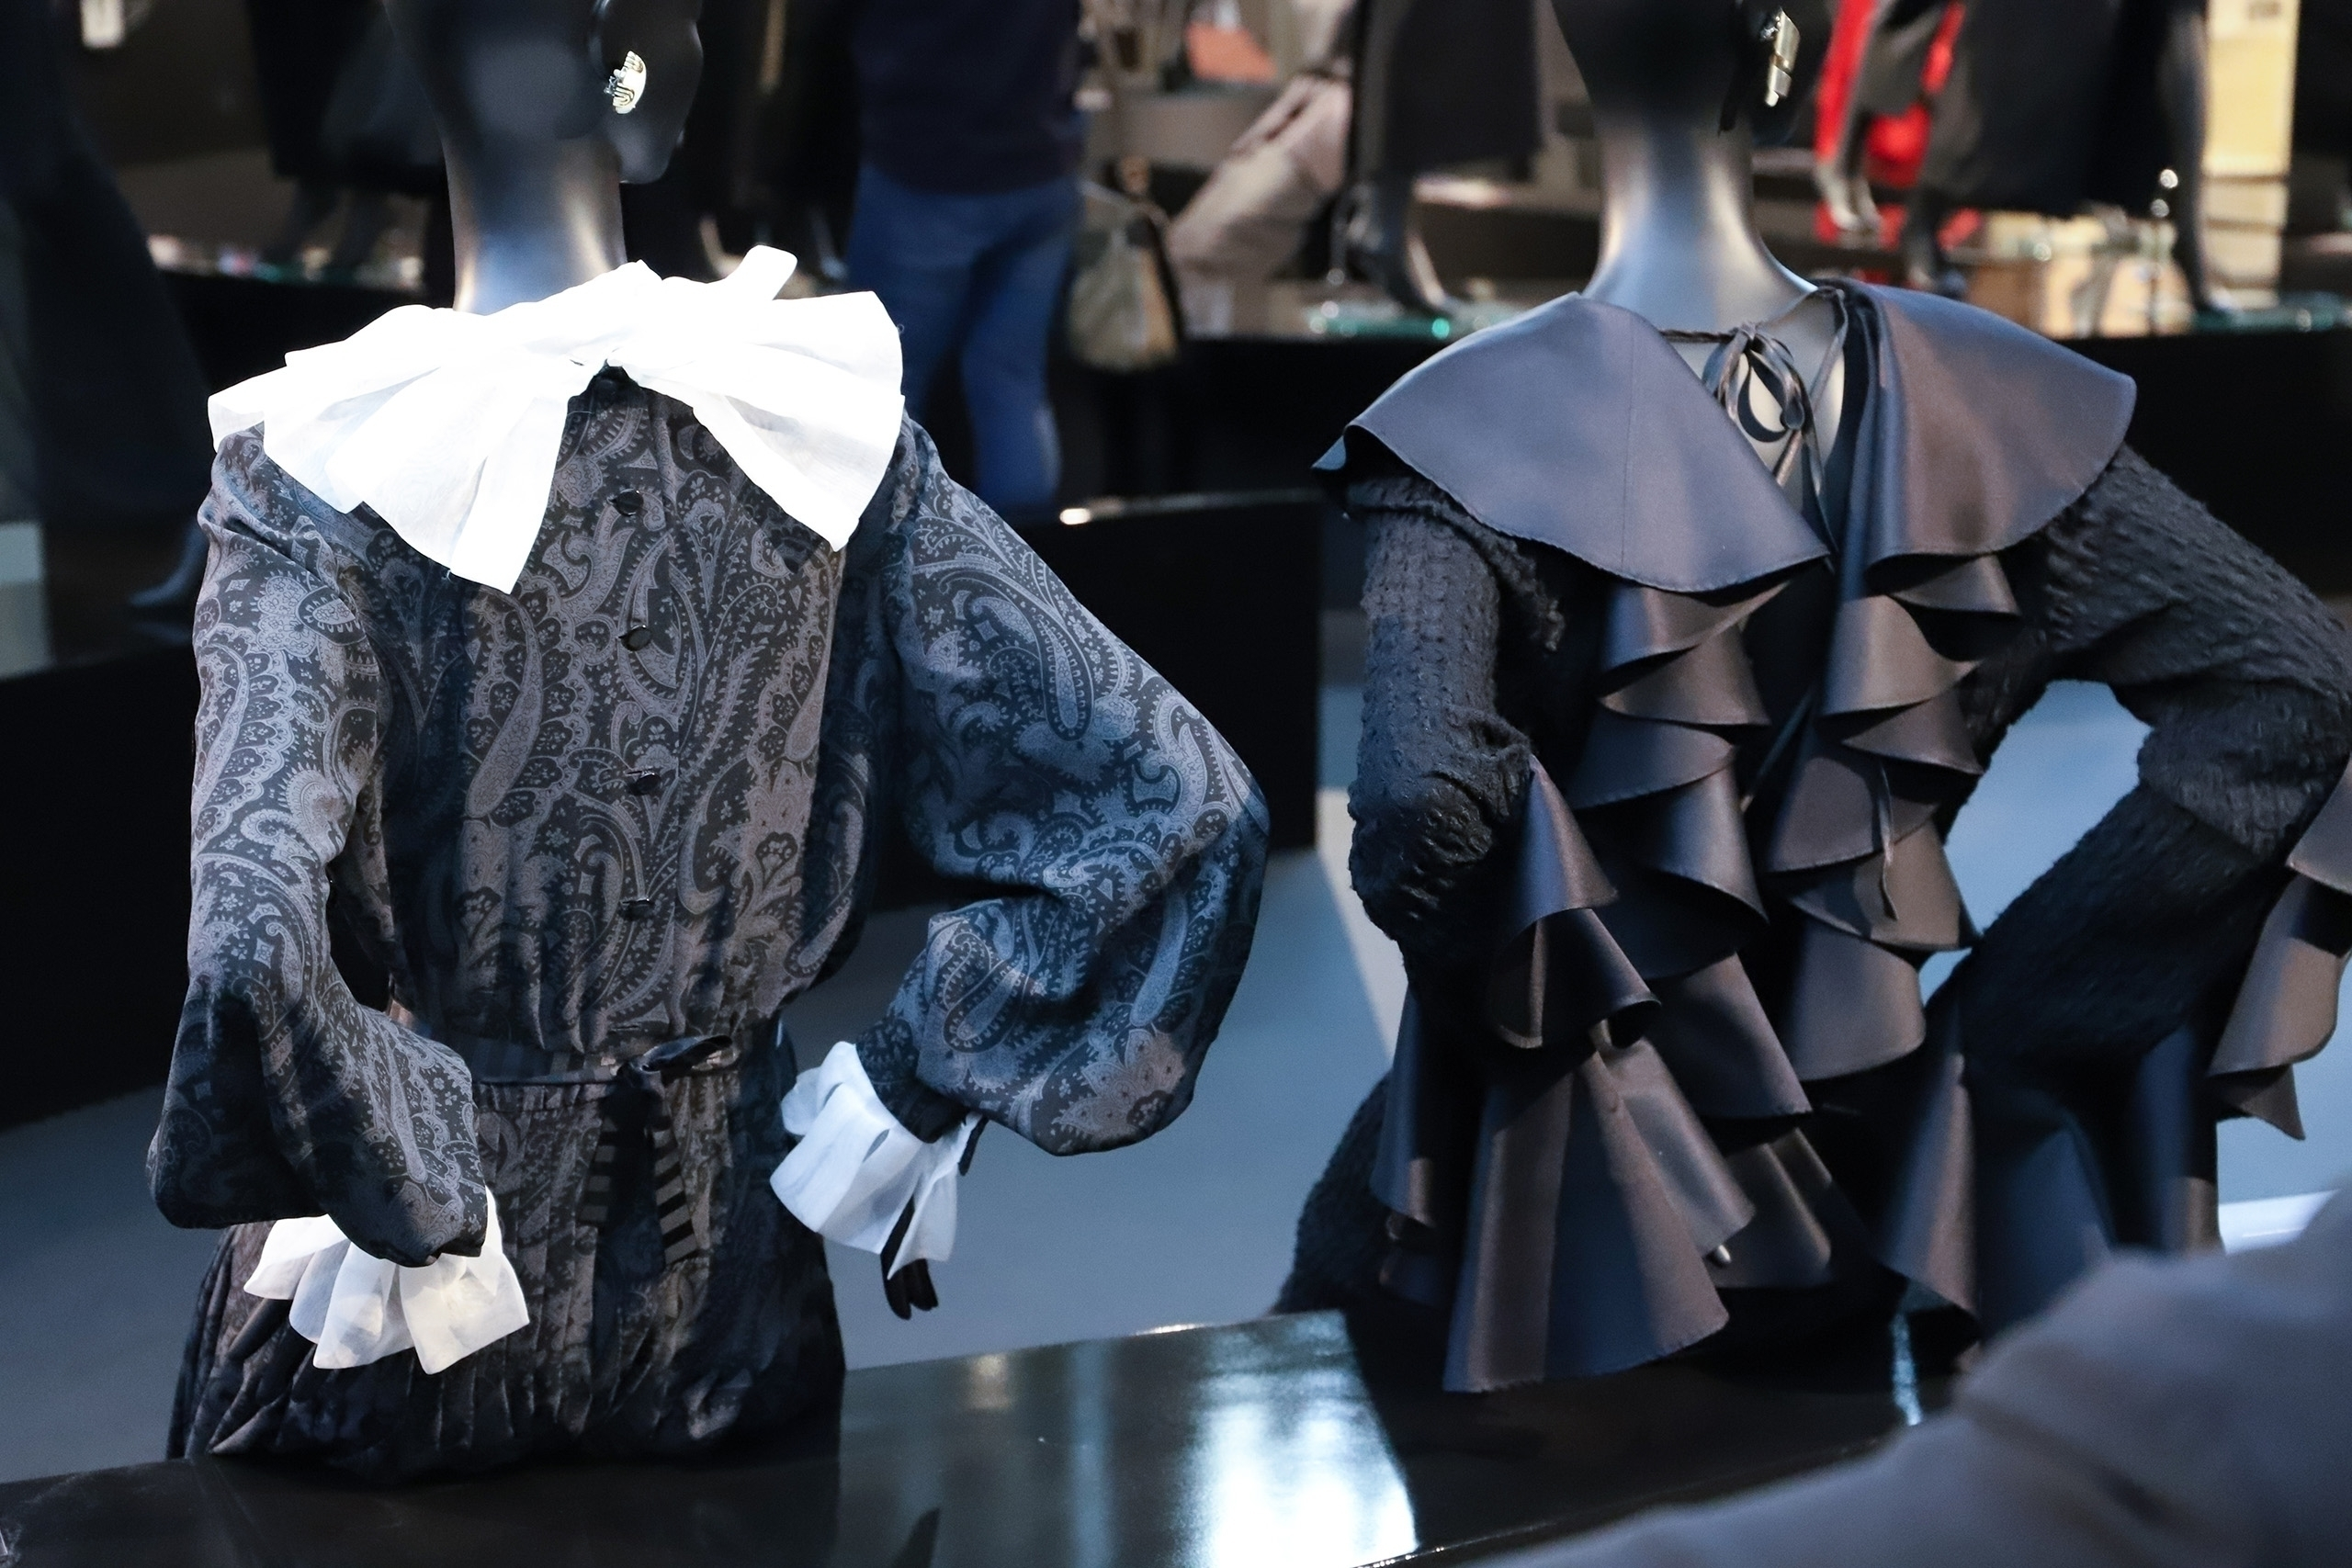 Zdjęcie przedstawia plecy dwóch siedzących manekinów ubranych w ciemne ubrania.